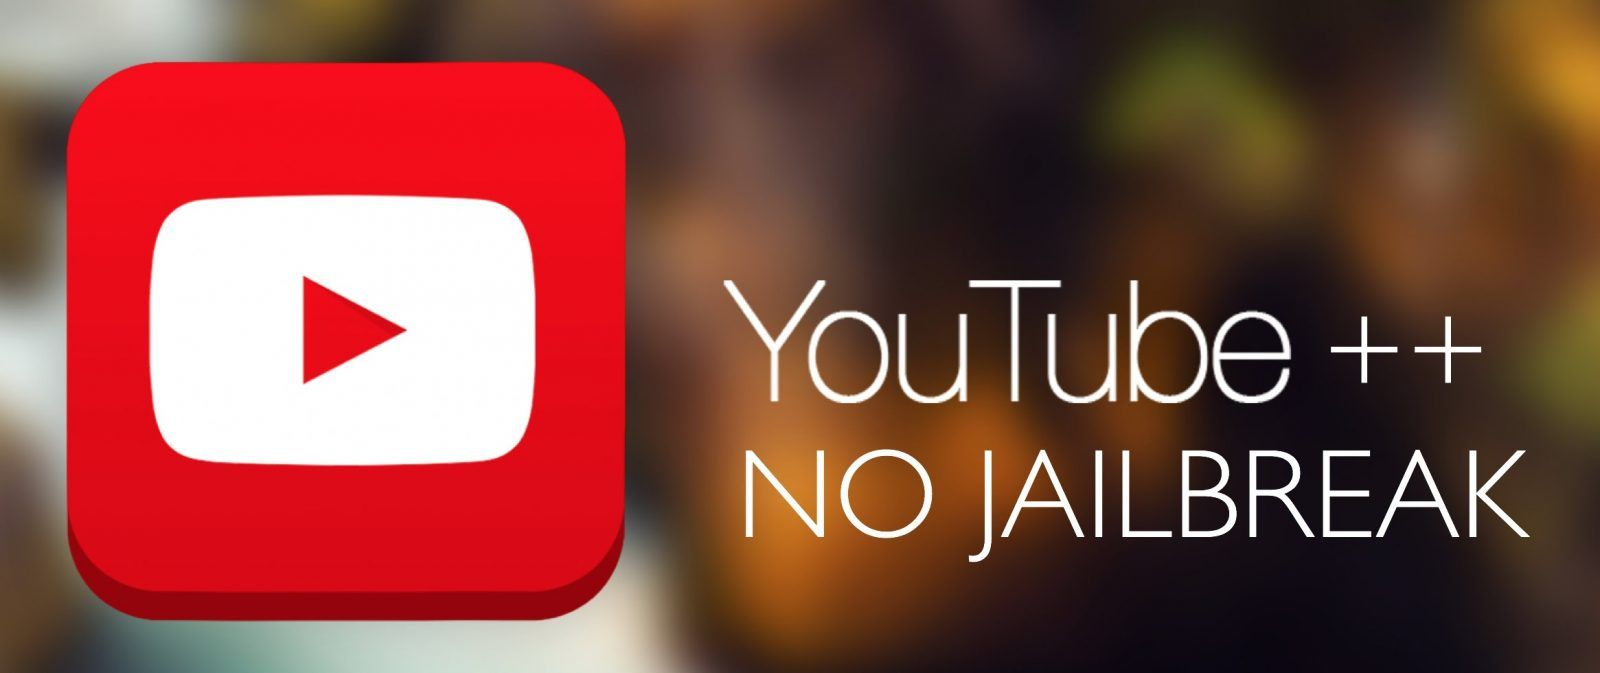 Jak i po co instalować zmodyfikowaną aplikację YouTube++